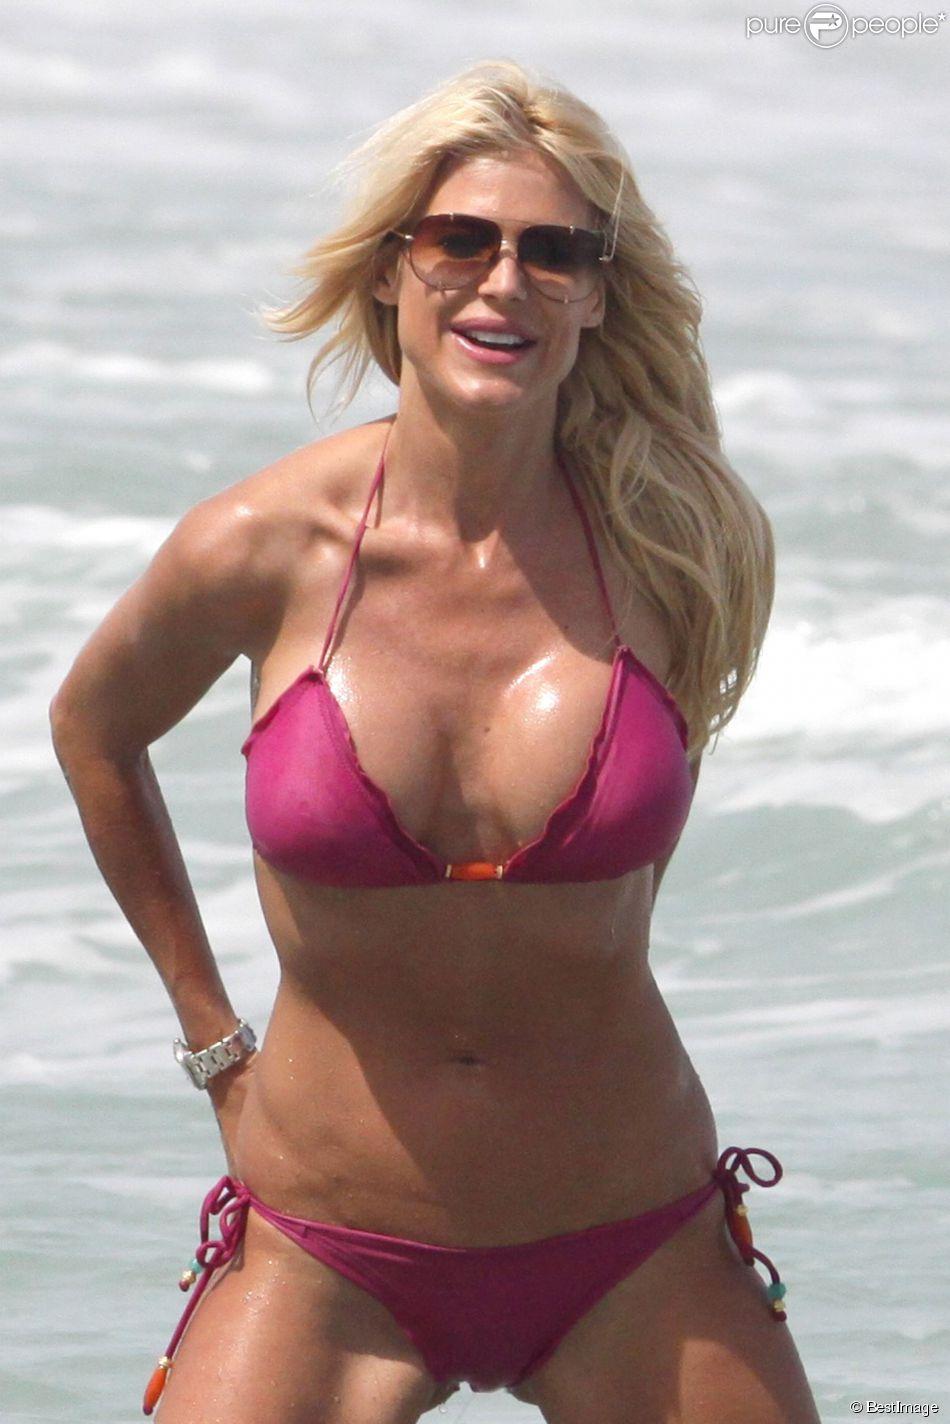 Victoria Silvstedt passe sa journée à la plage à Miami avec une amie le 17 avril 2014